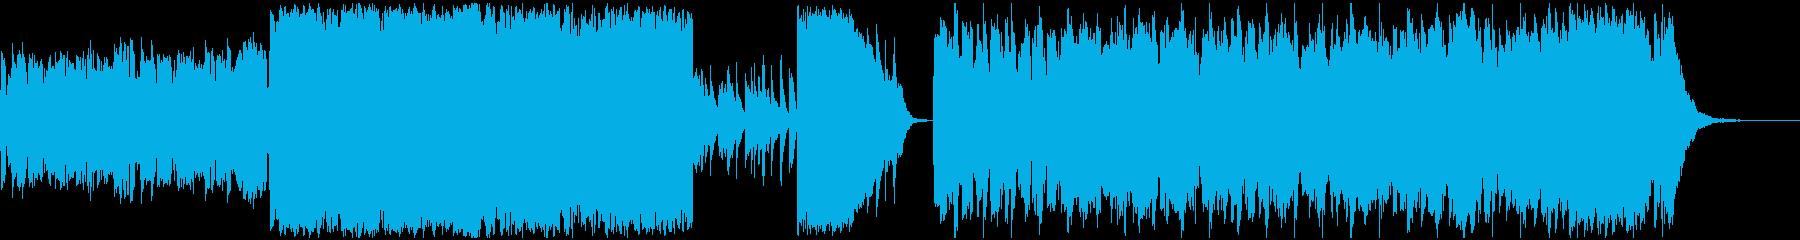 楽しげなケルト風BGMの再生済みの波形